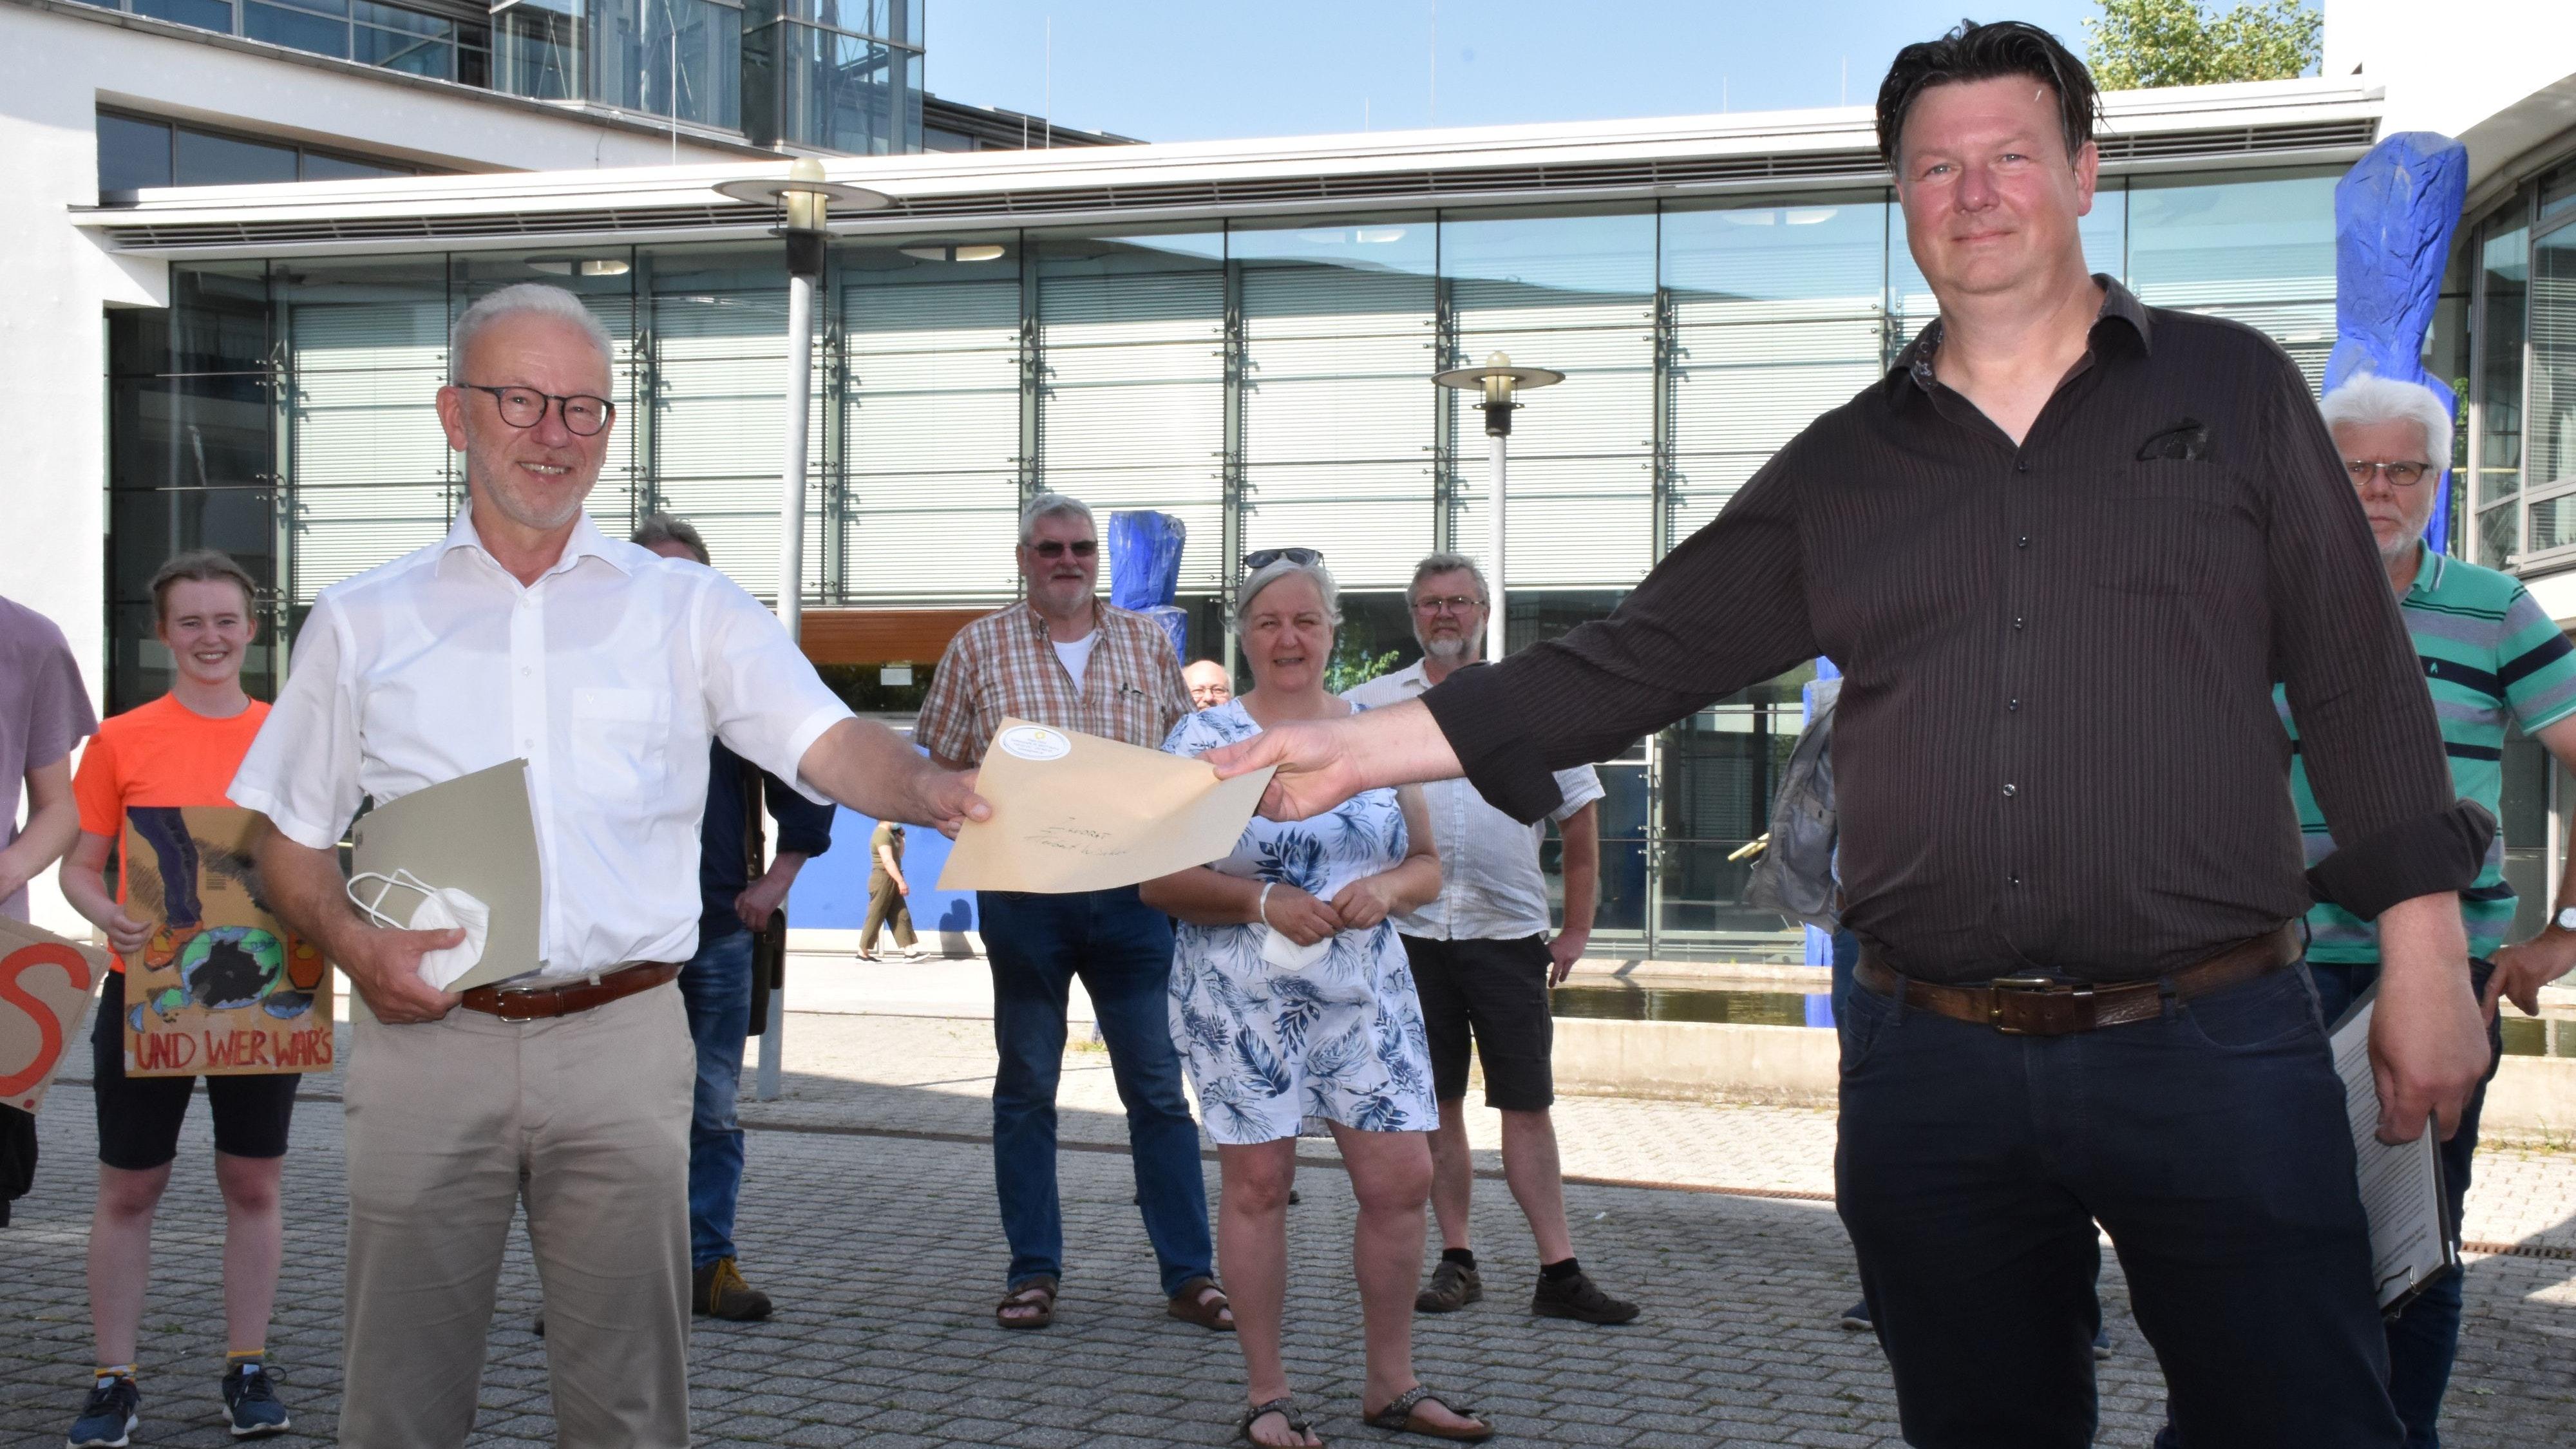 Drei Seiten mit Forderungen: Lokale Klimaschützer um Holger Ziefus (rechts) sowie Ulrich Heitmann, Annette und Heinz Hanken (Hintergrund) übergaben Landrat Hebert Winkel einen offenen Brief. Foto: Berg